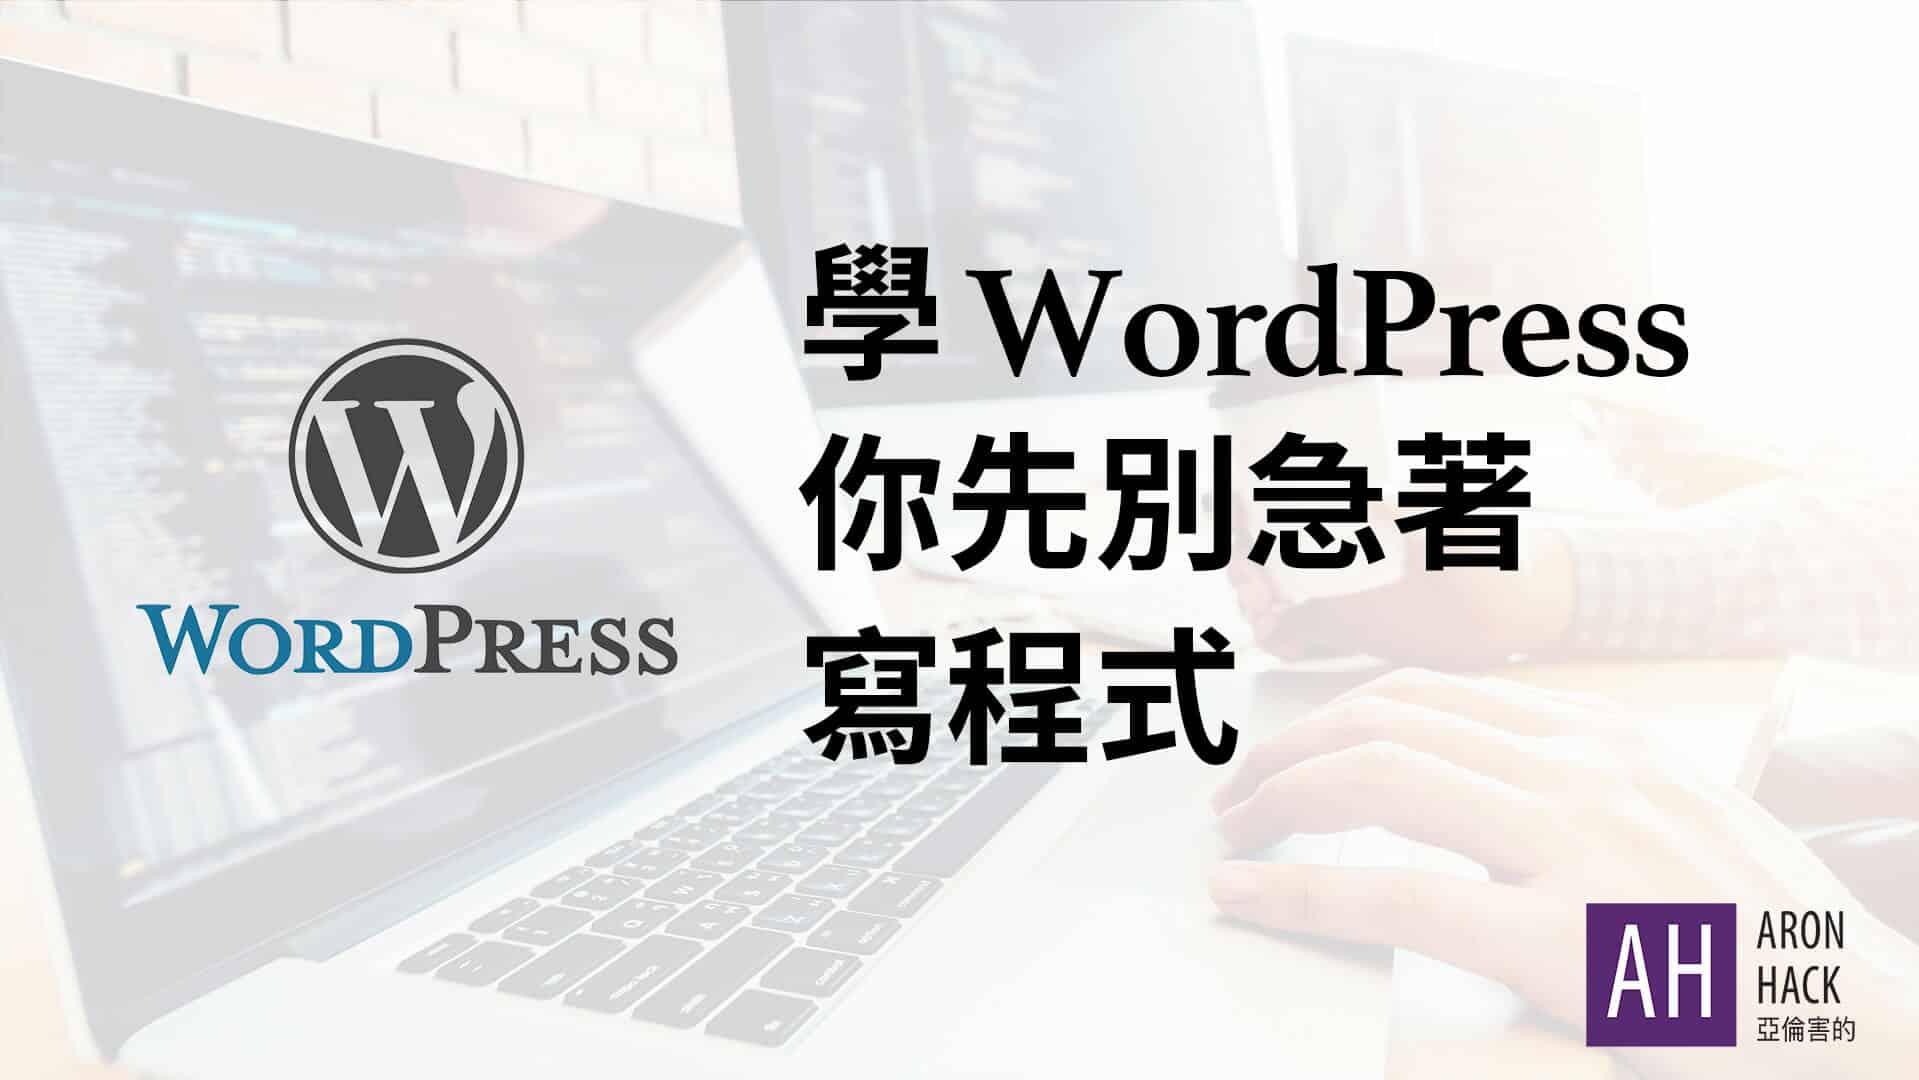 自學WordPress網頁設計,你先別急著啃教學寫程式